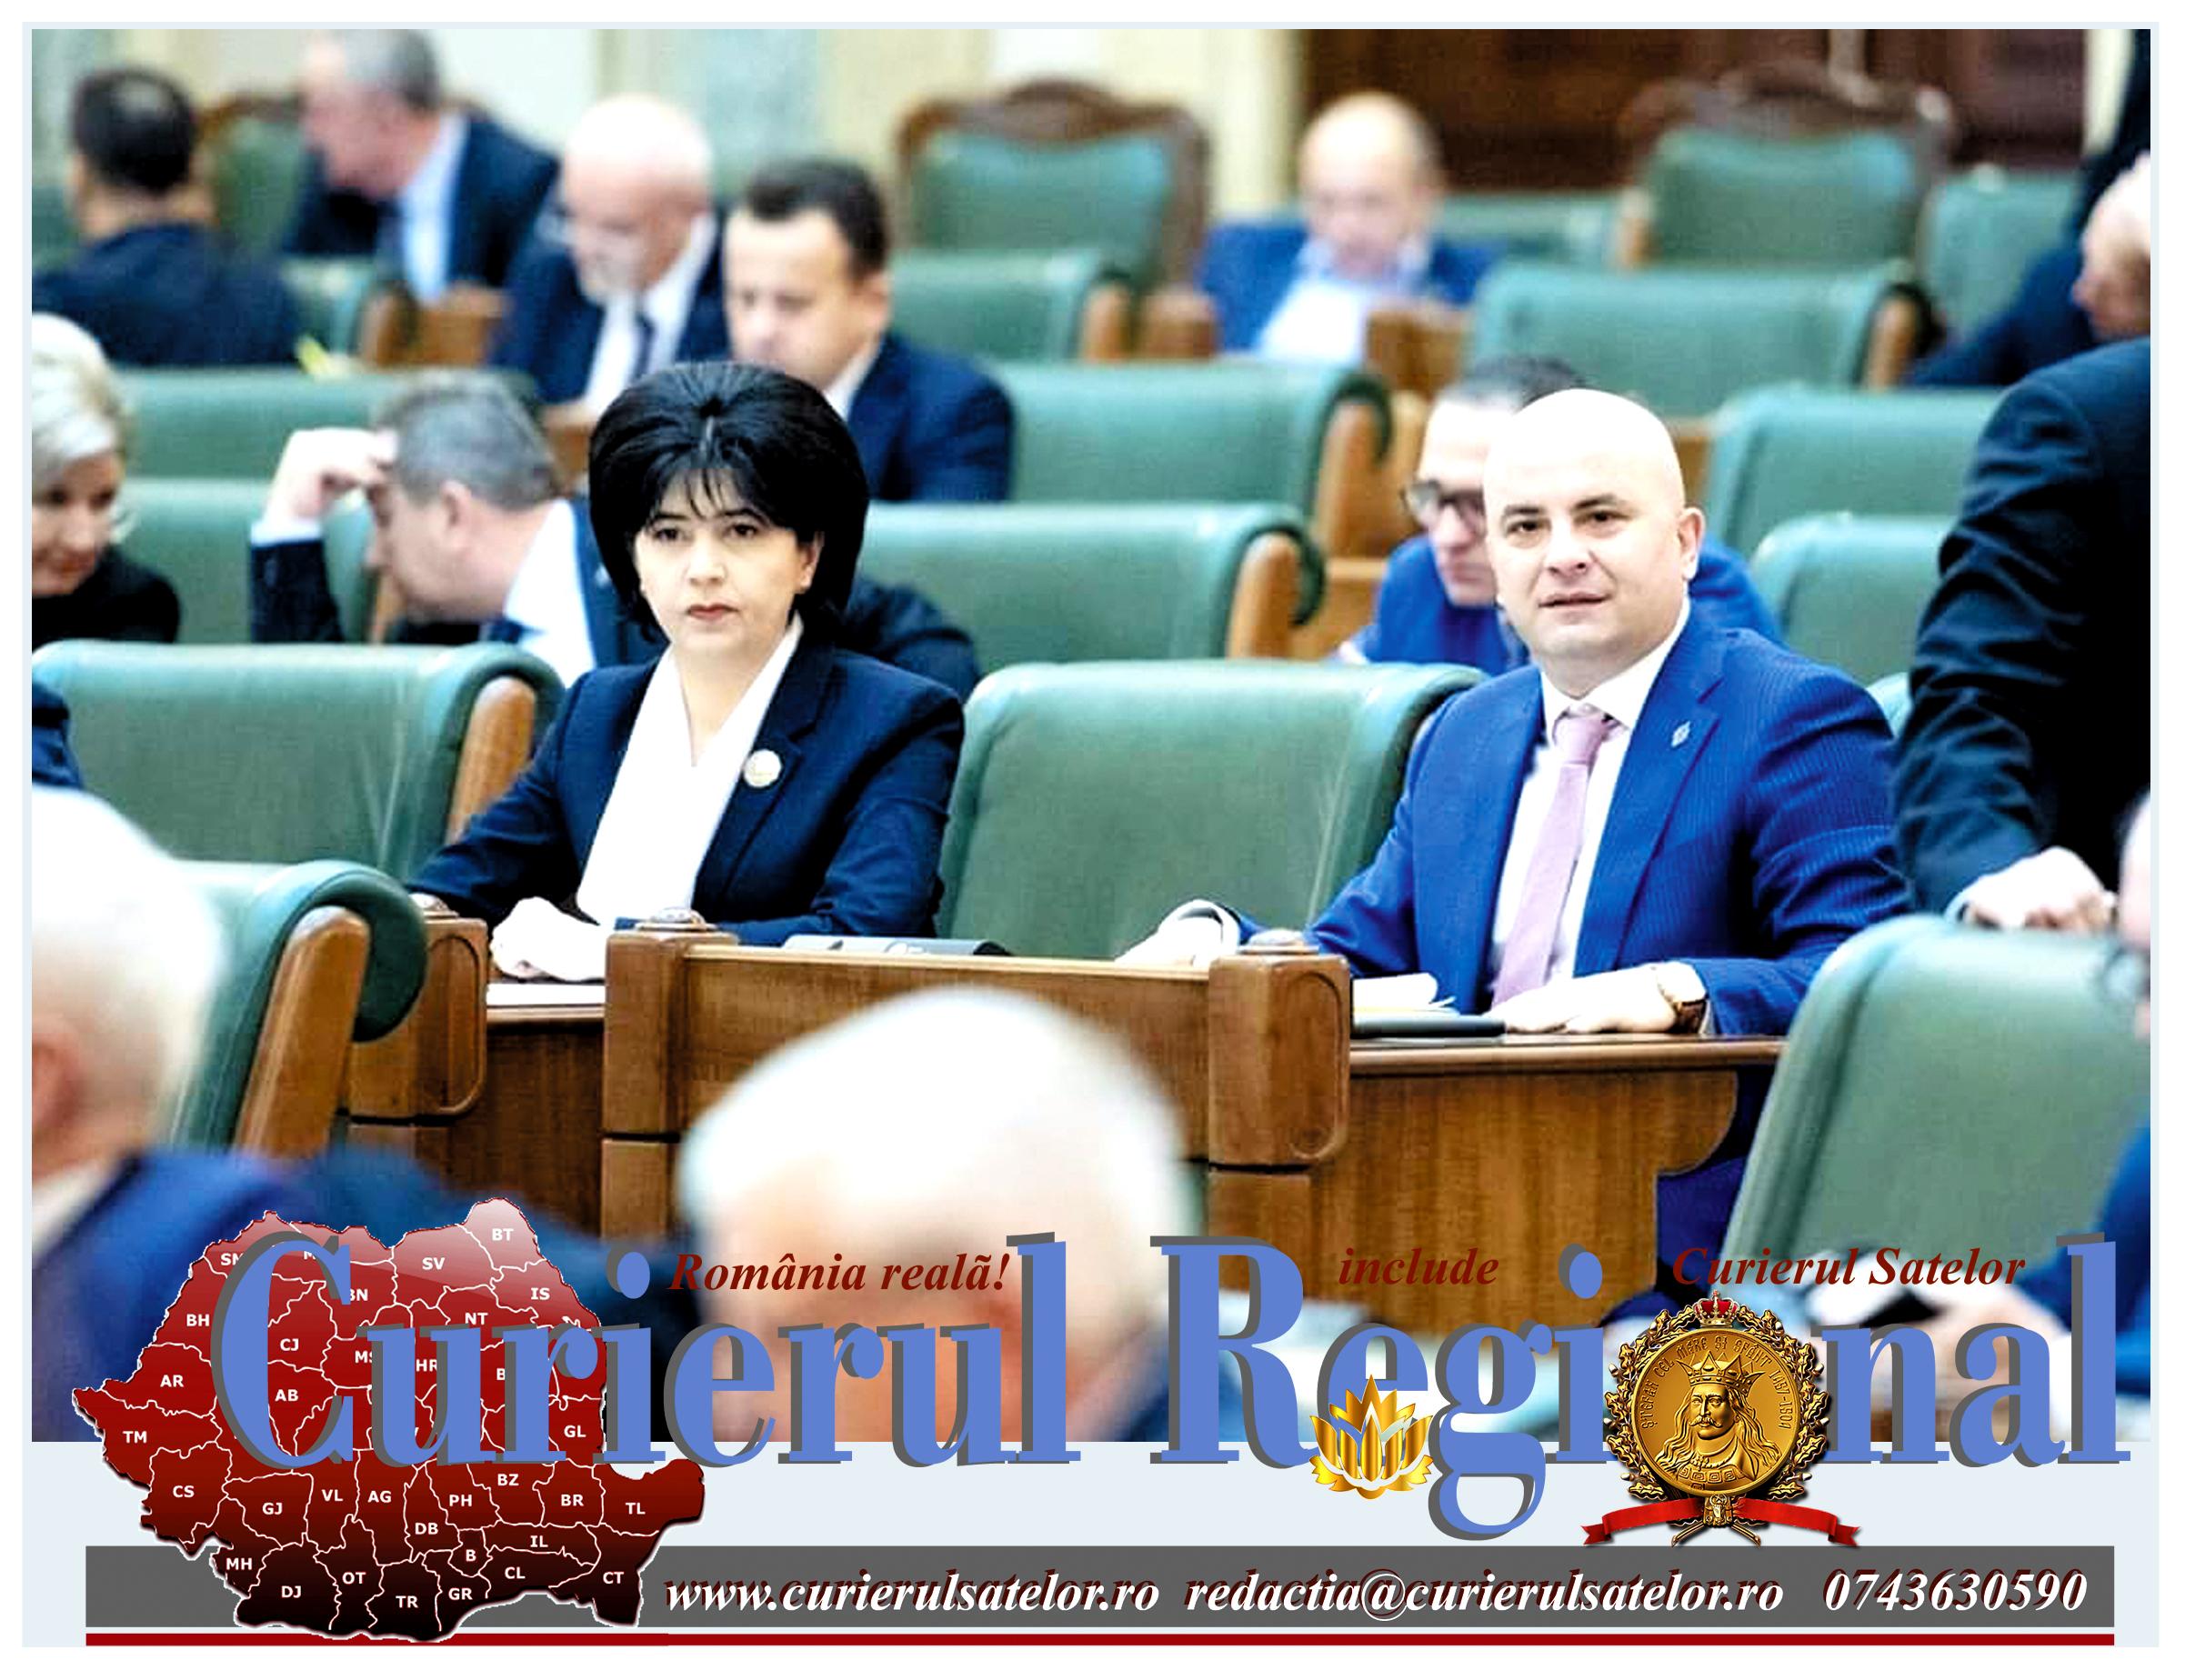 În timp ce Guvernul o lălăie pe la ghicitoare politice, PSD are grijă de țară. Lege pentru mame pe timpul crizei COVID 19 22